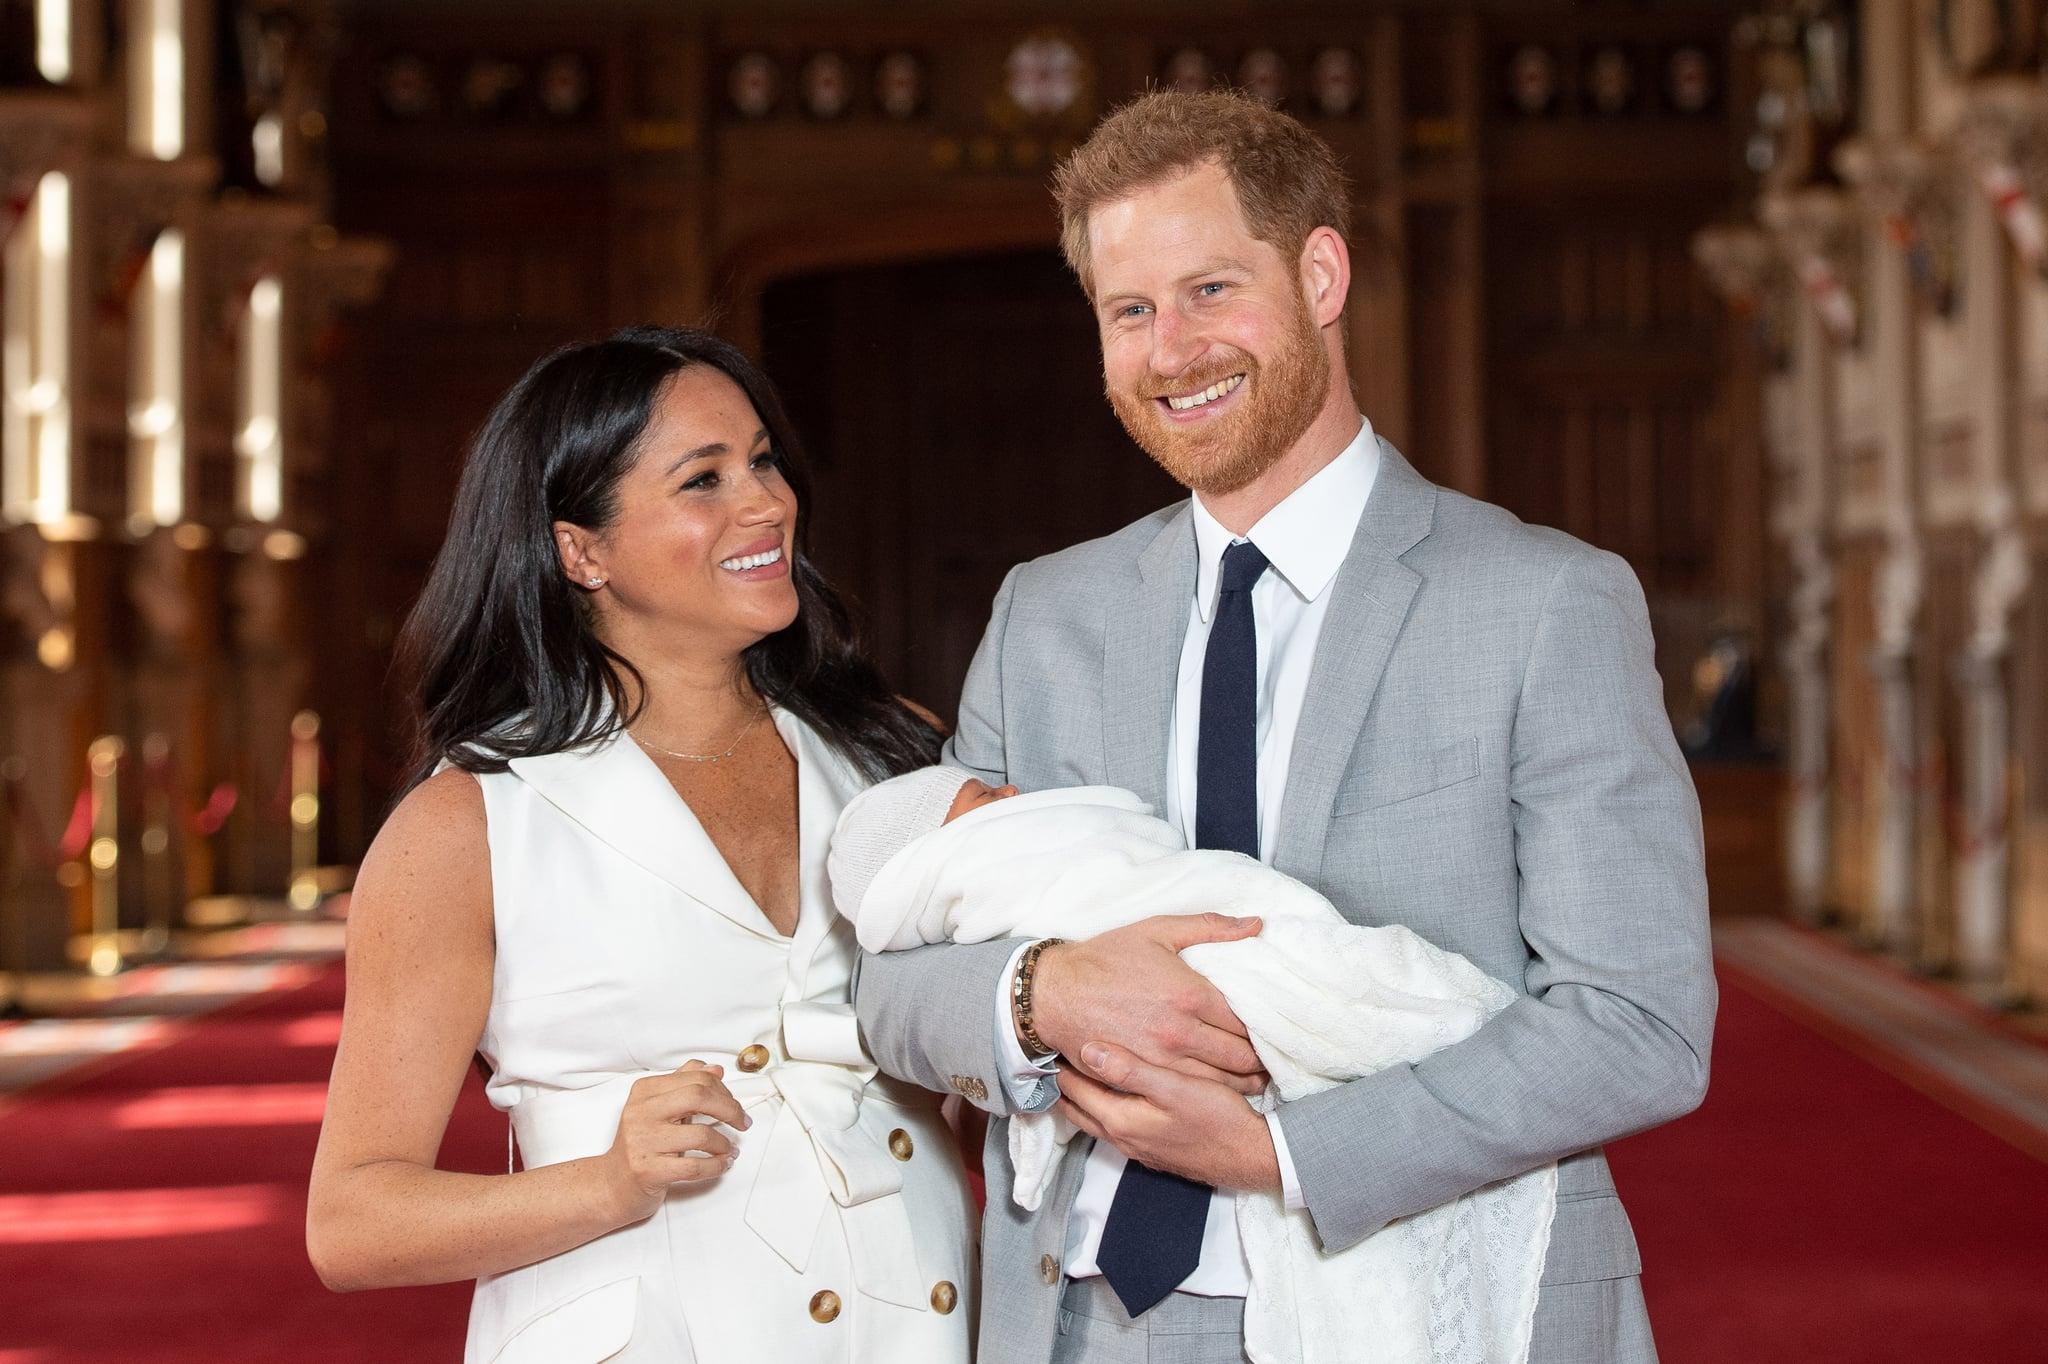 ویندزور ، انگلستان - 08 مه: شاهزاده هری ، دوک ساسکس و مگان ، دوشس ساسکس ، در کنار پسر تازه متولد شده خود Archie Harrison Mountbatten-Windsor هنگام عکسبرداری در سالن سنت جورج در قلعه ویندزور در 8 مه 2019 در ویندزور انگلیس ژست گرفتند.  دوشس ساسکس در ساعت 05:26 روز دوشنبه 06 مه ، 2019 به دنیا آمد. (عکس توسط دومینیک لیپینسکی - استخر WPA / گتی ایماژ)